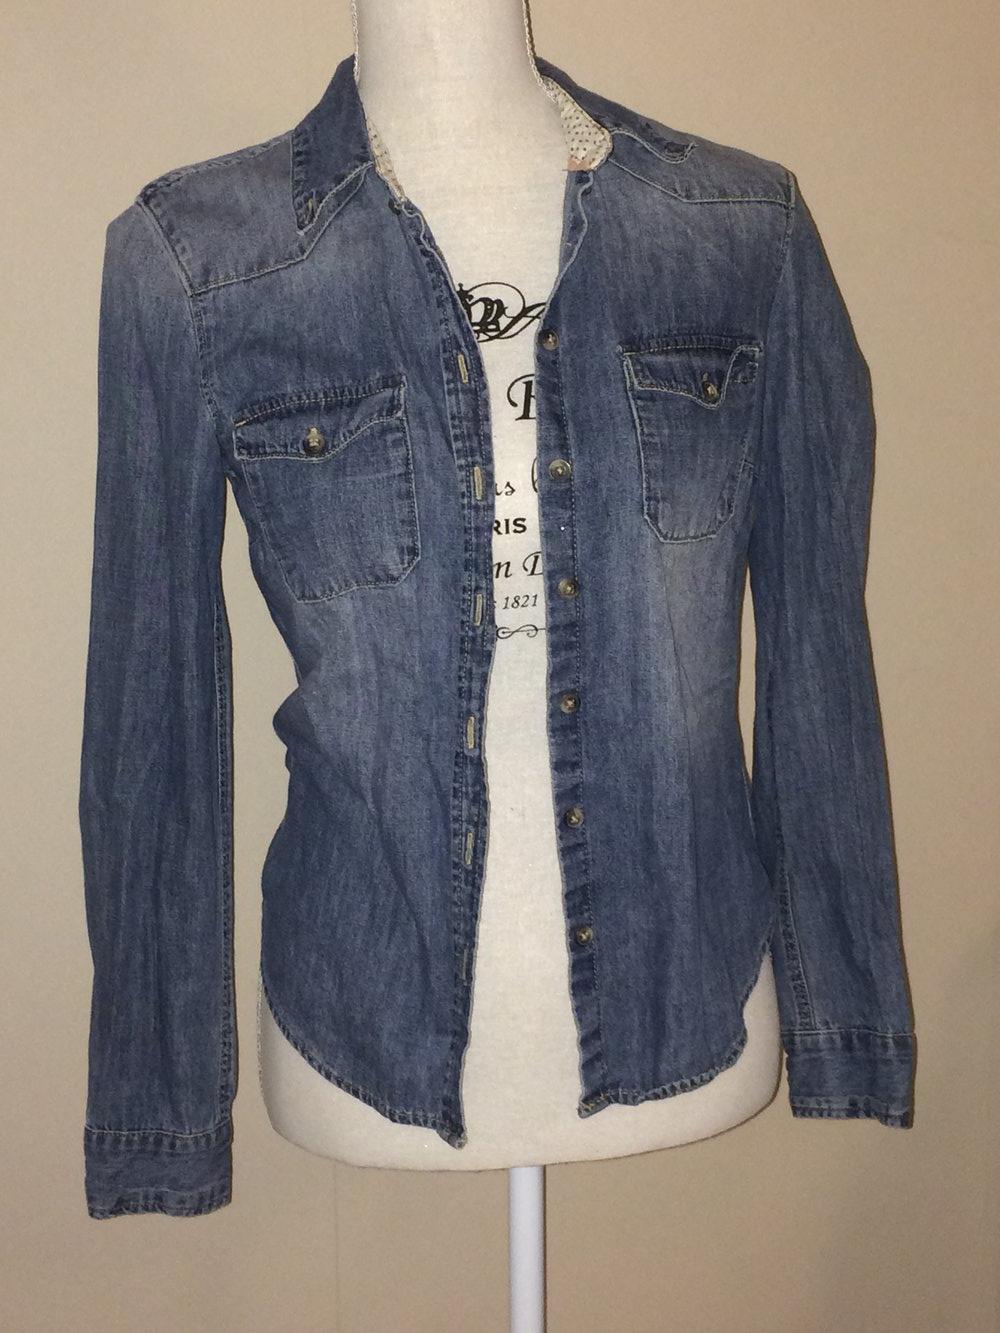 h m logg jeans hemd h m. Black Bedroom Furniture Sets. Home Design Ideas